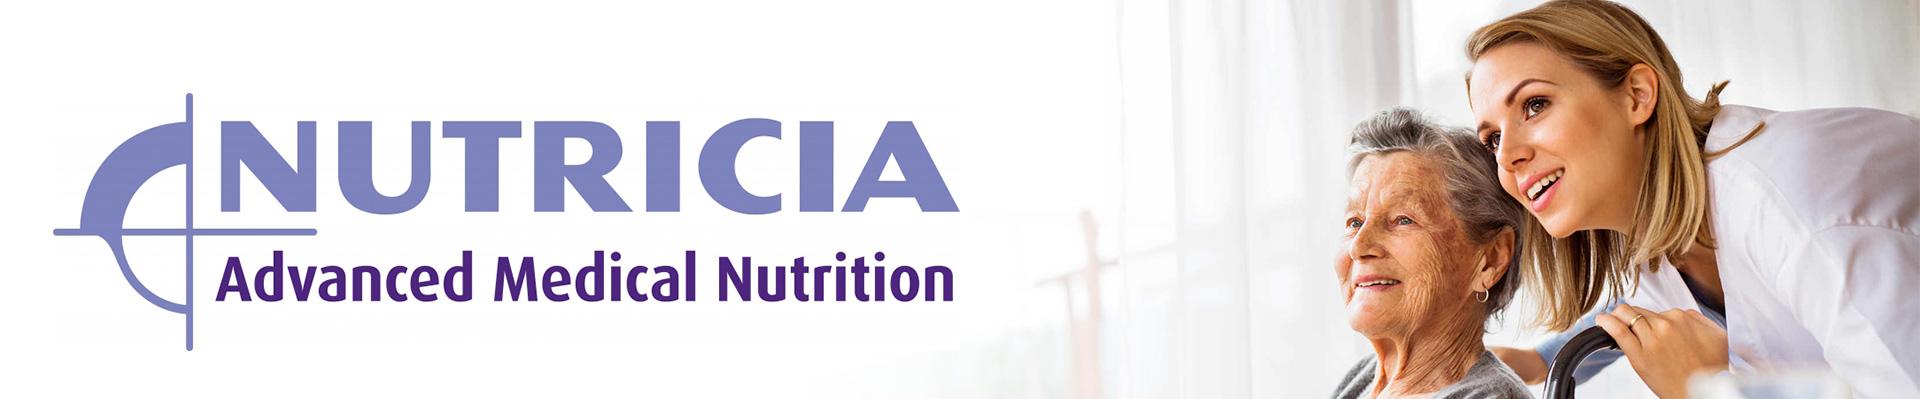 nutricia danone ernährung ernährungsteam milupa fortimel patienten ernährungstherapie applikationstechnik sondennahrung